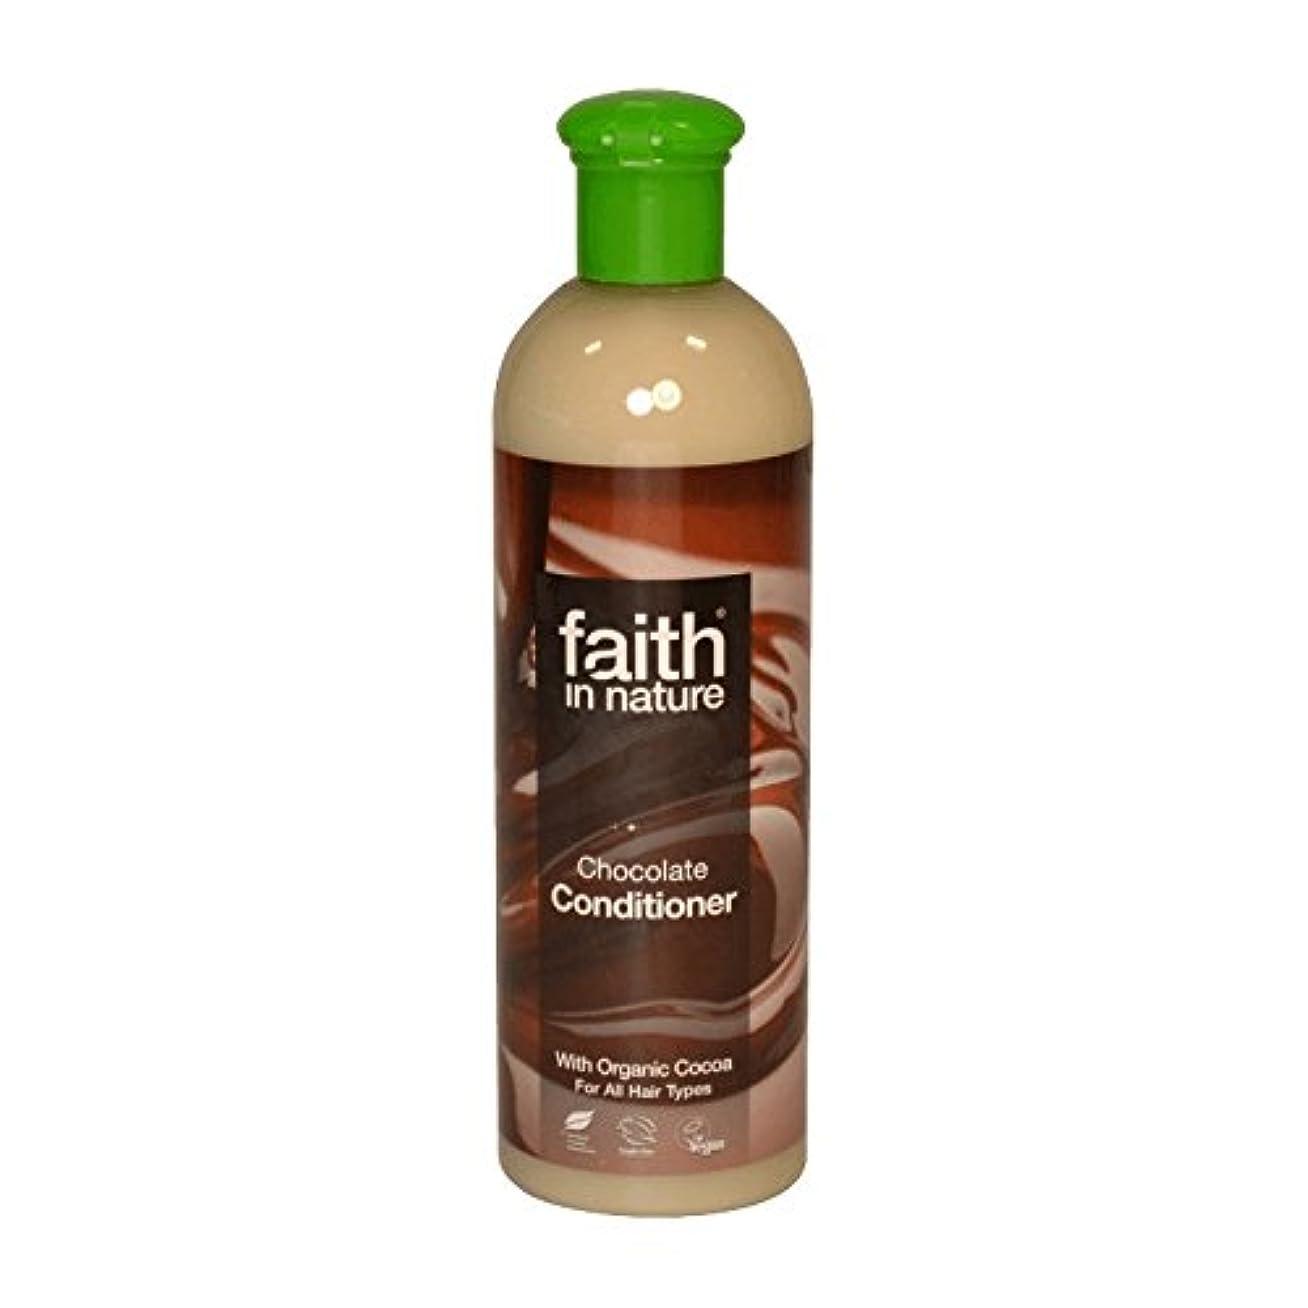 ヘッドレスドラゴンヒントFaith In Nature Chocolate Conditioner 400ml (Pack of 6) - 自然チョコレートコンディショナー400ミリリットルの信仰 (x6) [並行輸入品]